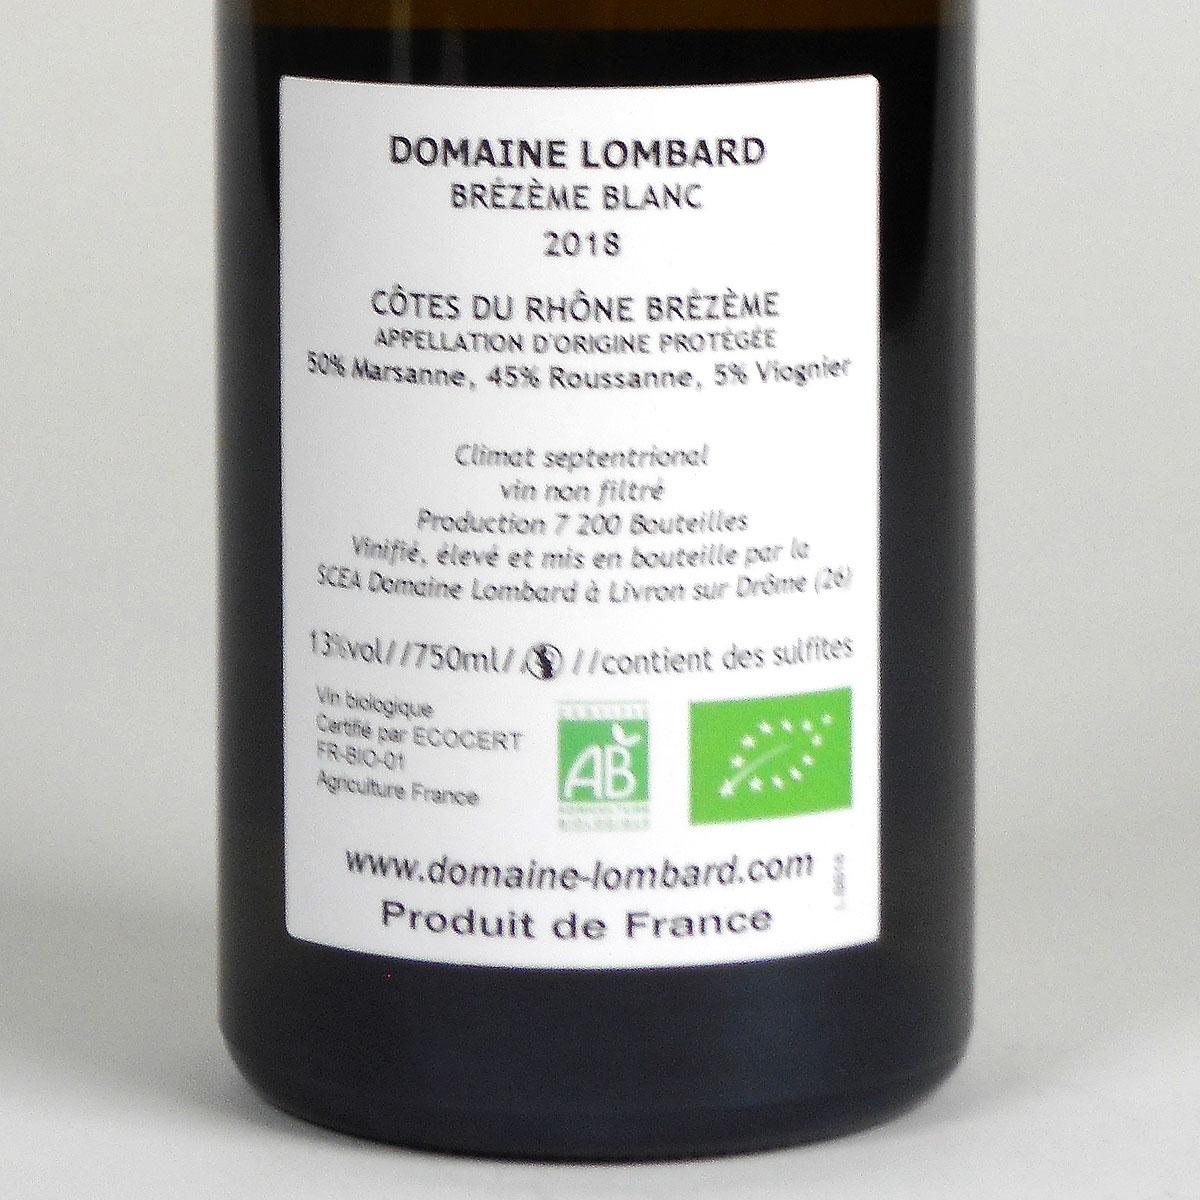 Brézème: Domaine Lombard Blanc 2018 - Bottle Rear Label